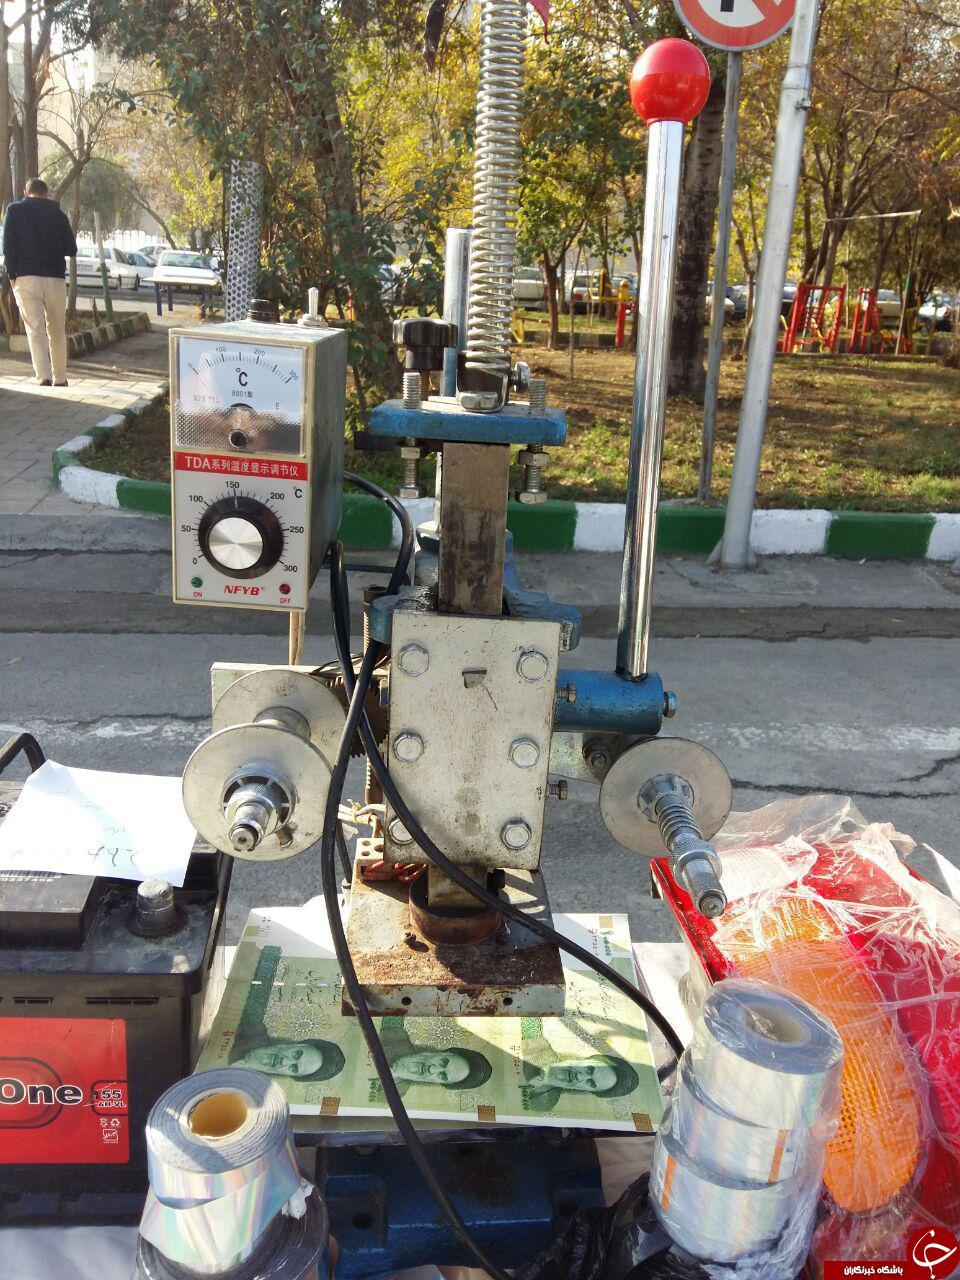 دستگیری سارقان خودرو در پایتخت/ جعل چک و اسکناس تقلبی توسط سارقان